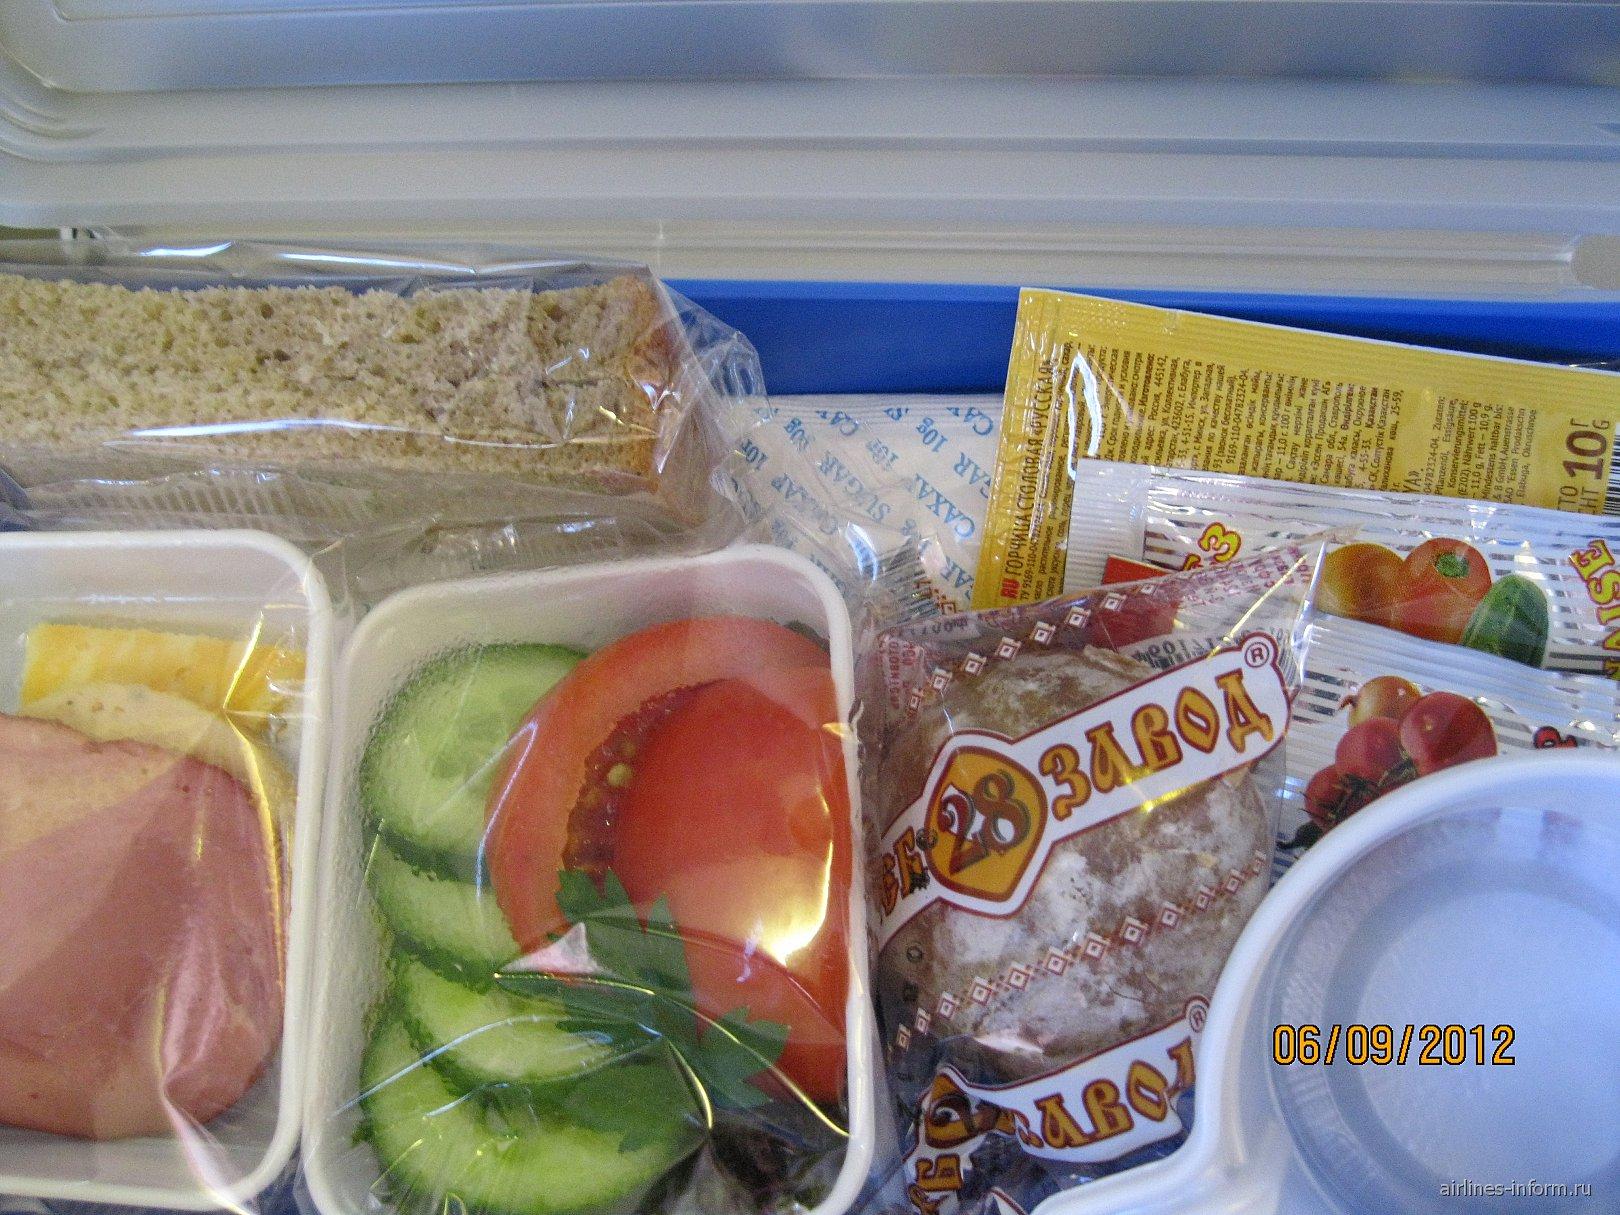 Питание на рейсе Москва-Новый Уренгой авиакомпании Ямал